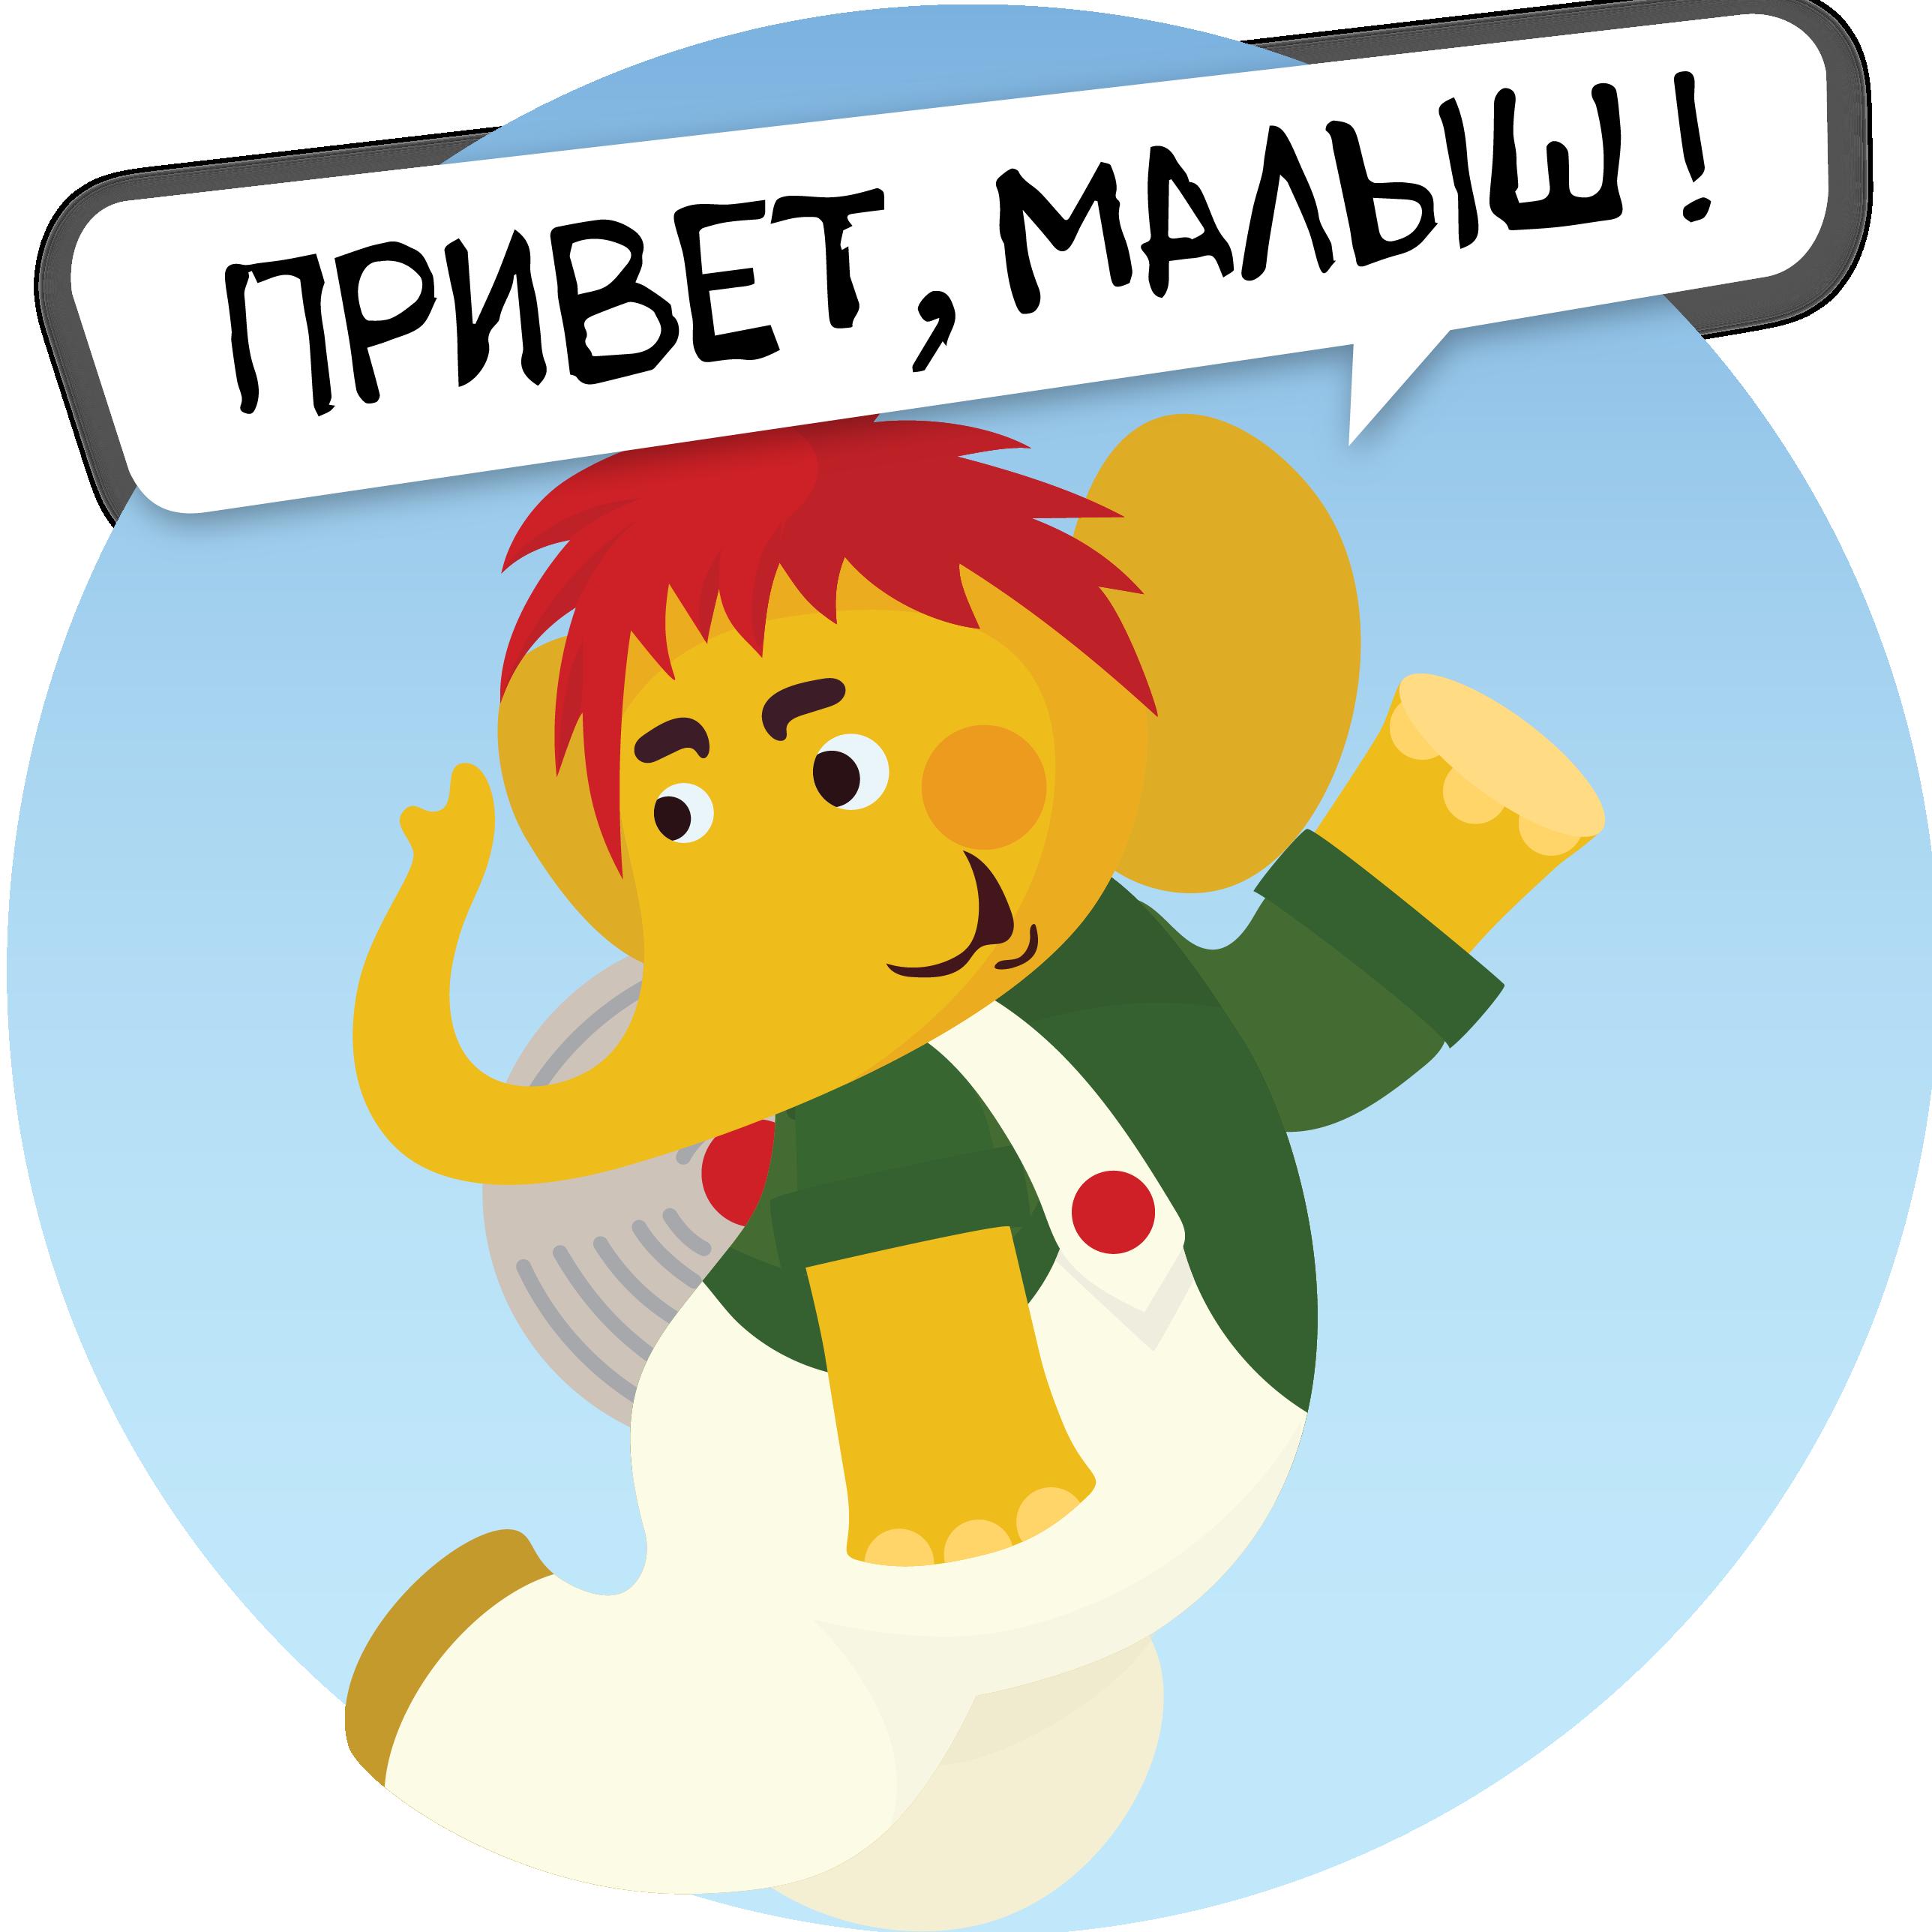 Большое ТВ: Русские фильмы HD messages sticker-6